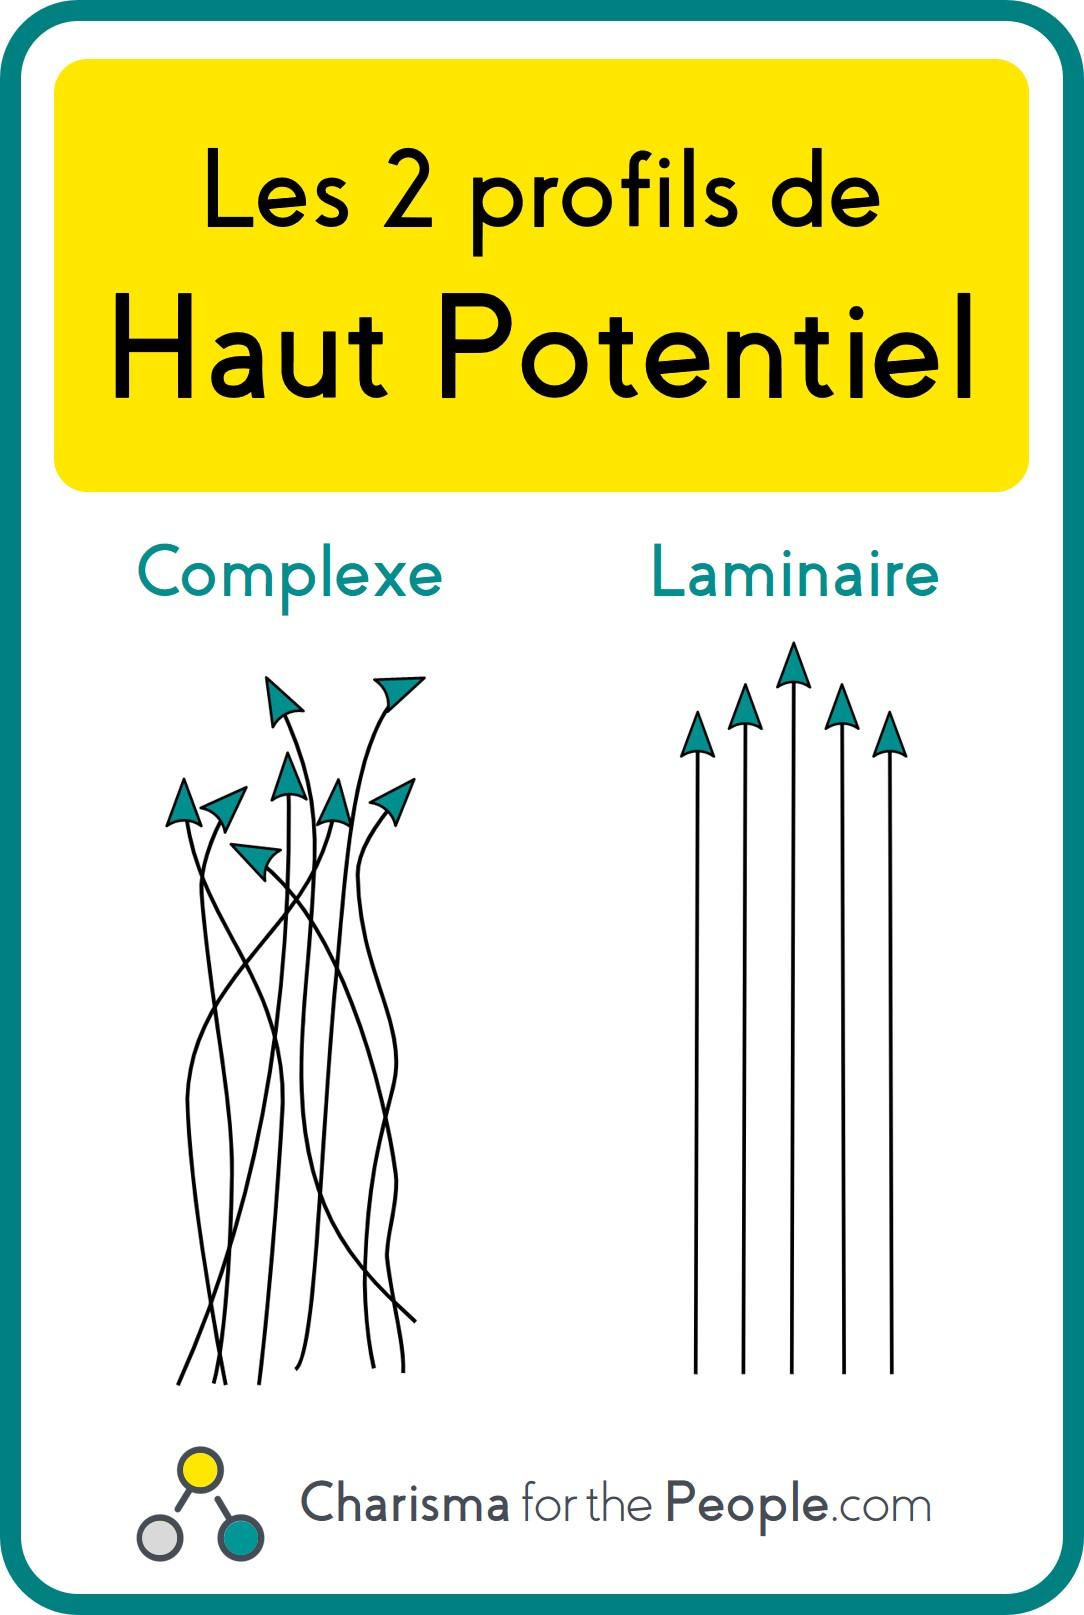 Surdoué complexe et surdoué laminaire, comparaison des deux profils haut potentiel complexe et haut potentiel laminaire